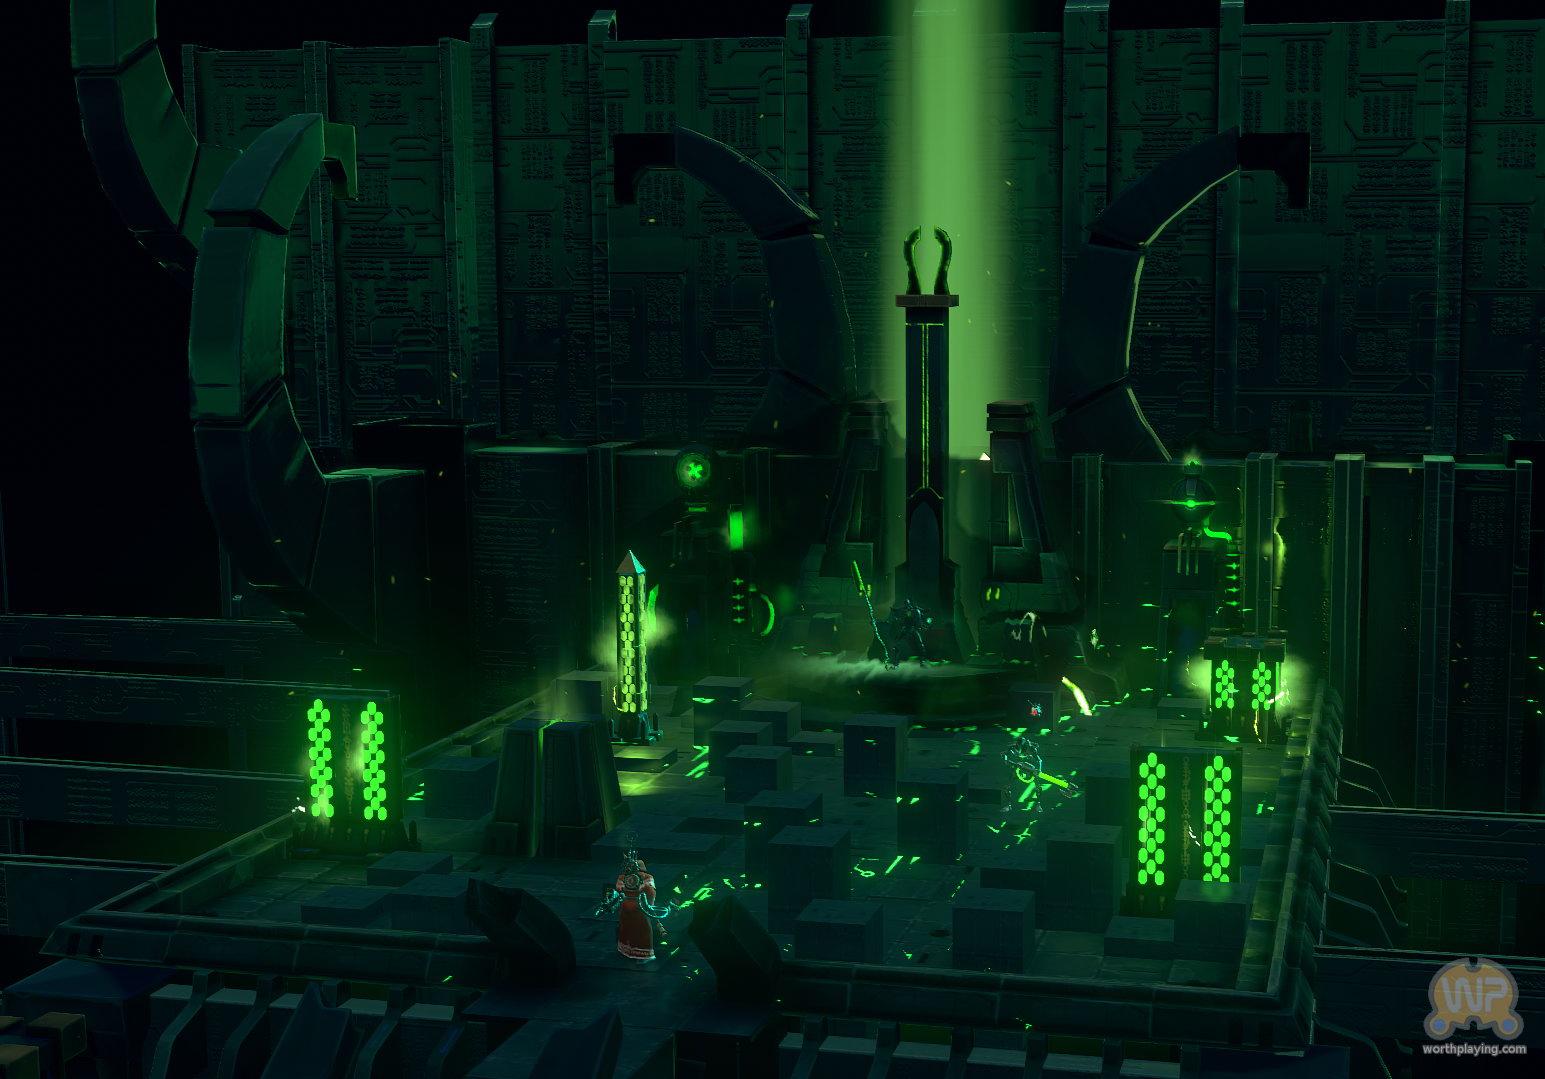 戰錘迷不可錯過 《戰錘40K:機械神教》發售日及新截圖公佈